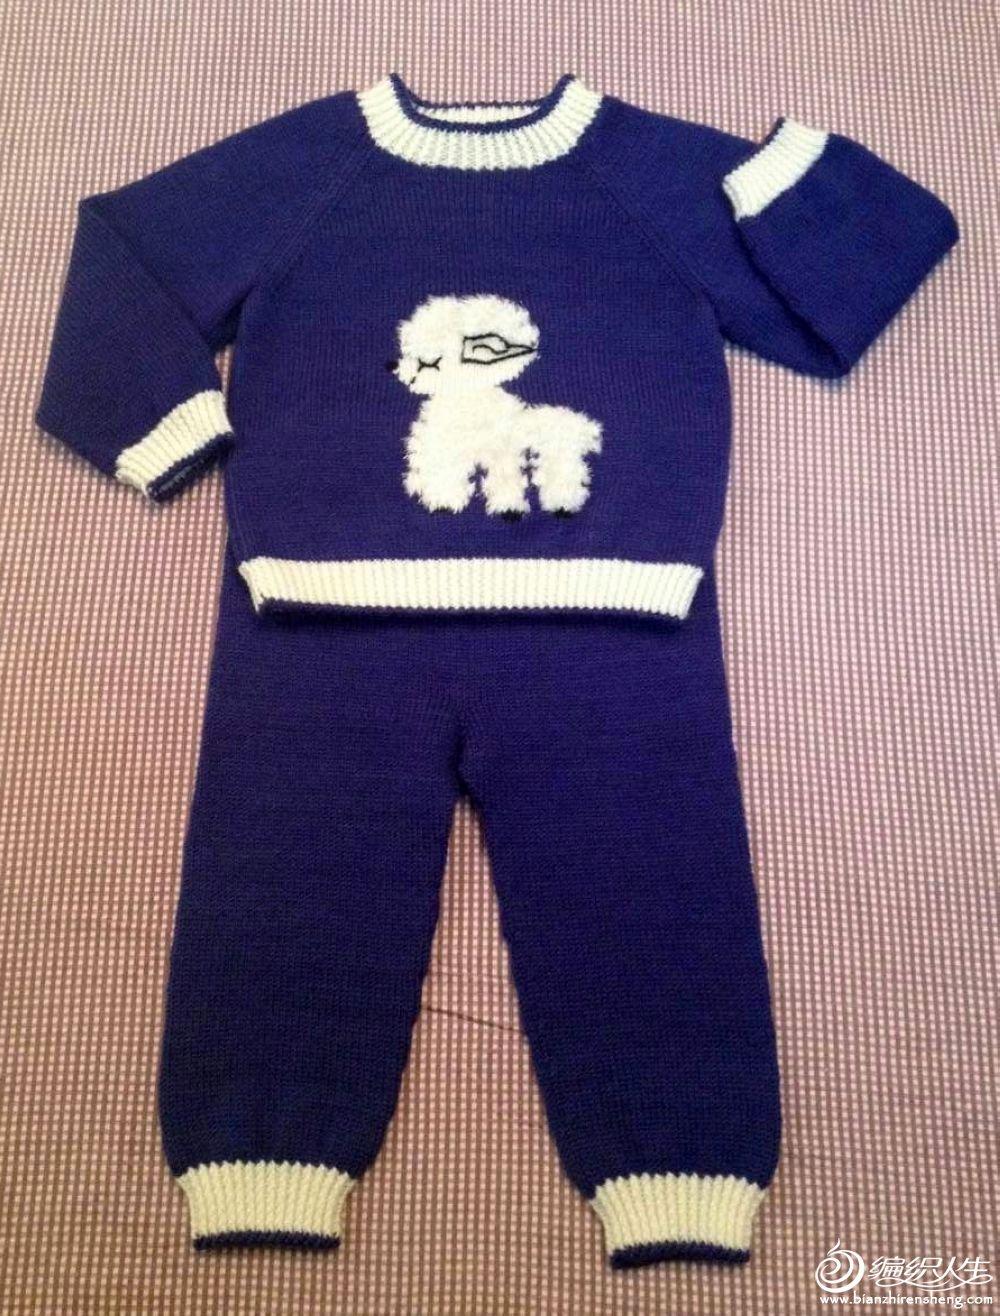 首页 居家生活 手工制作 > [50~80cm婴幼儿毛衣] 羞涩的羊宝宝套衫—